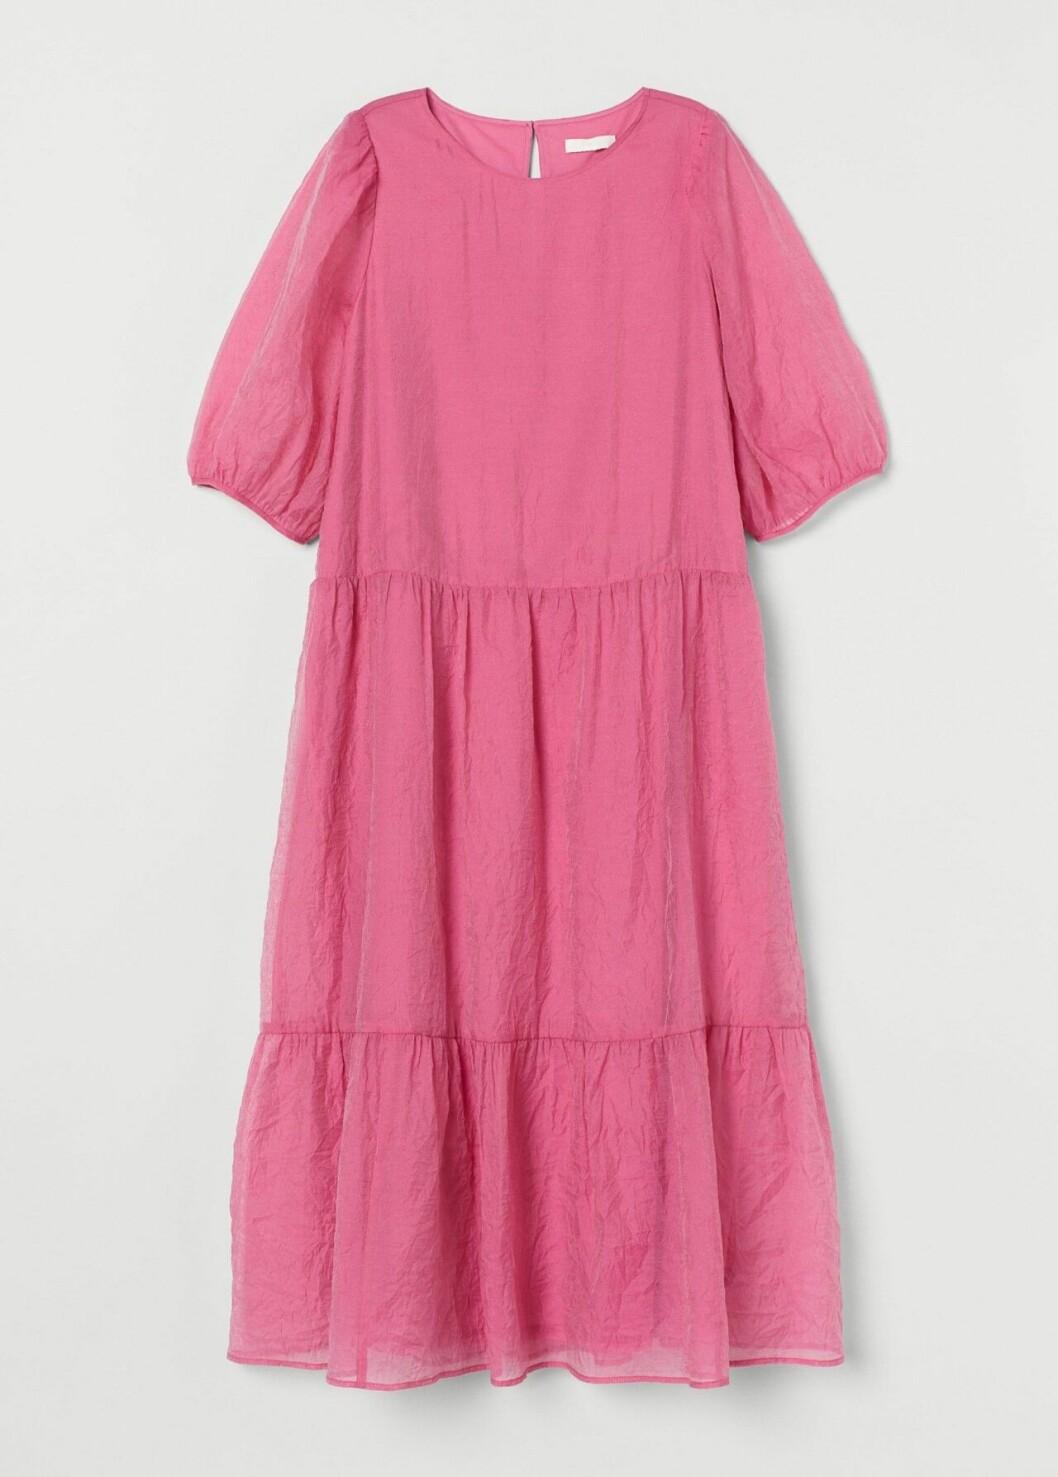 Rosa klänning med puffärm